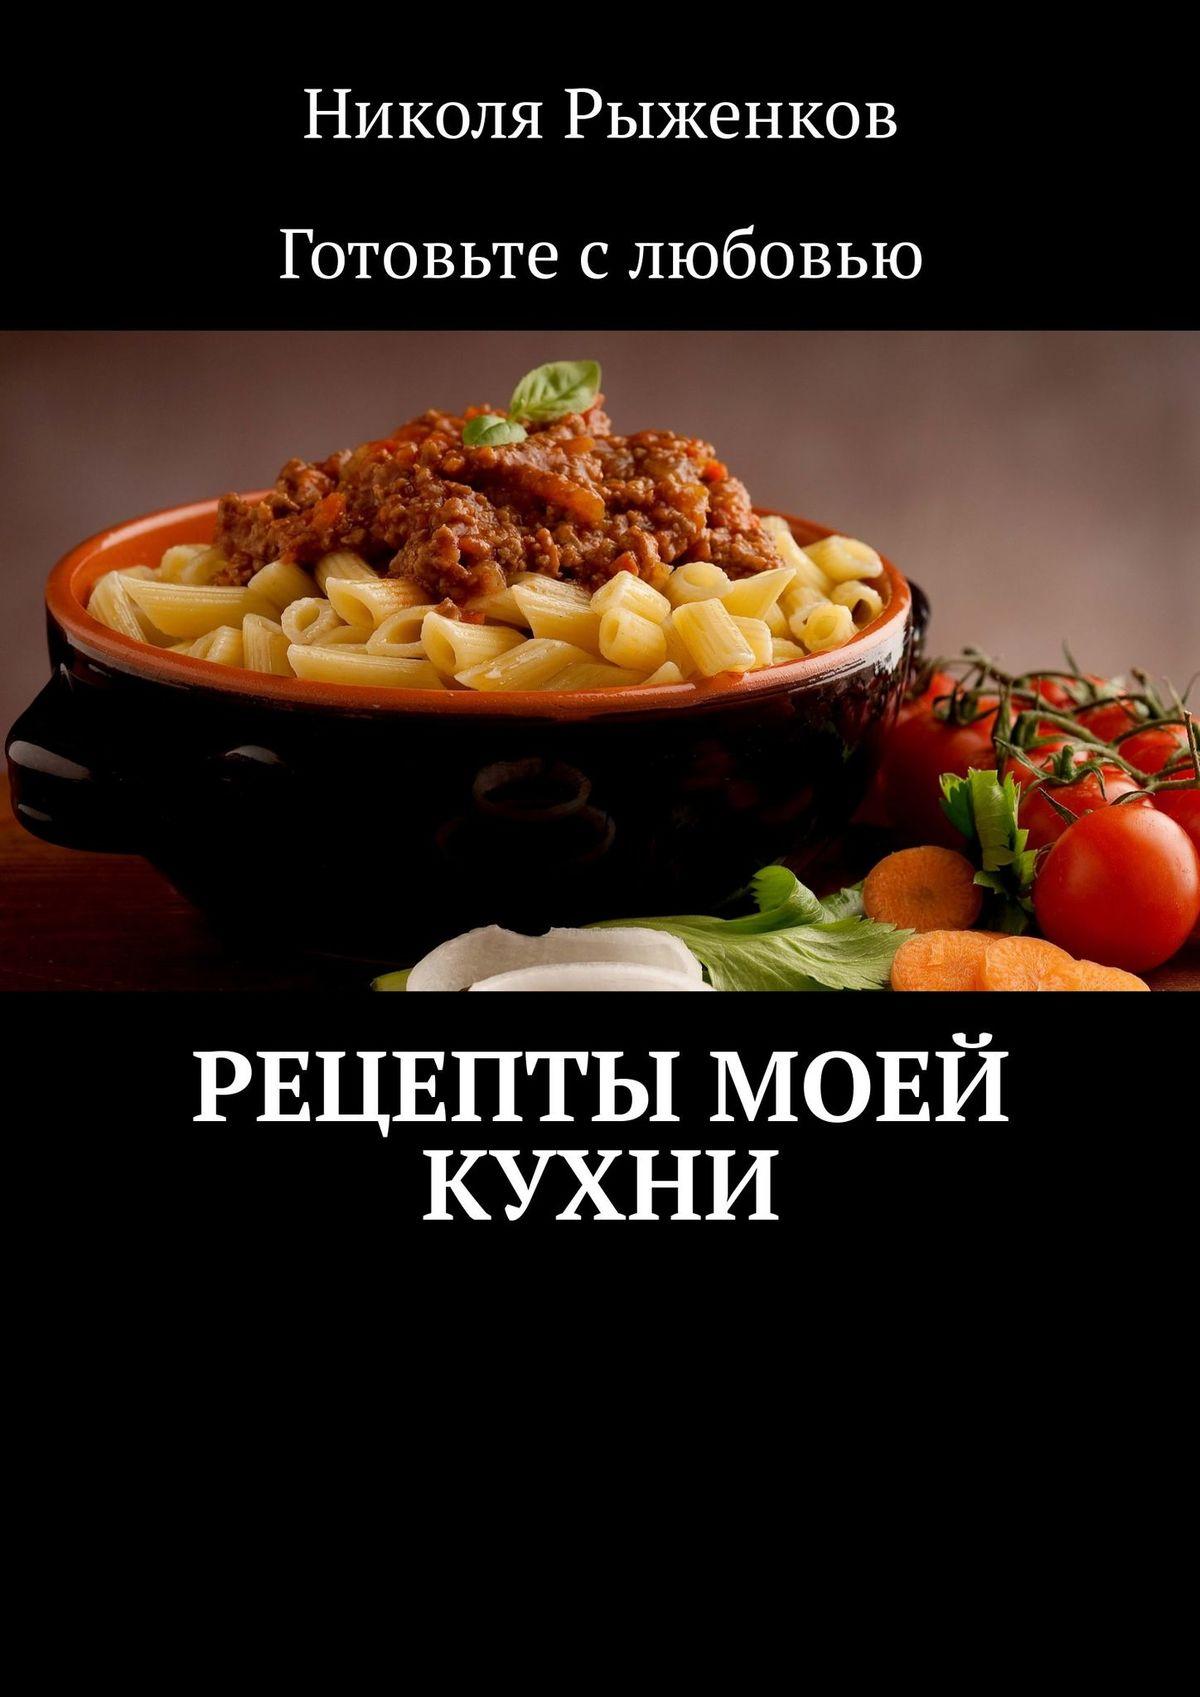 Николя Рыженков Рецепты моей кухни